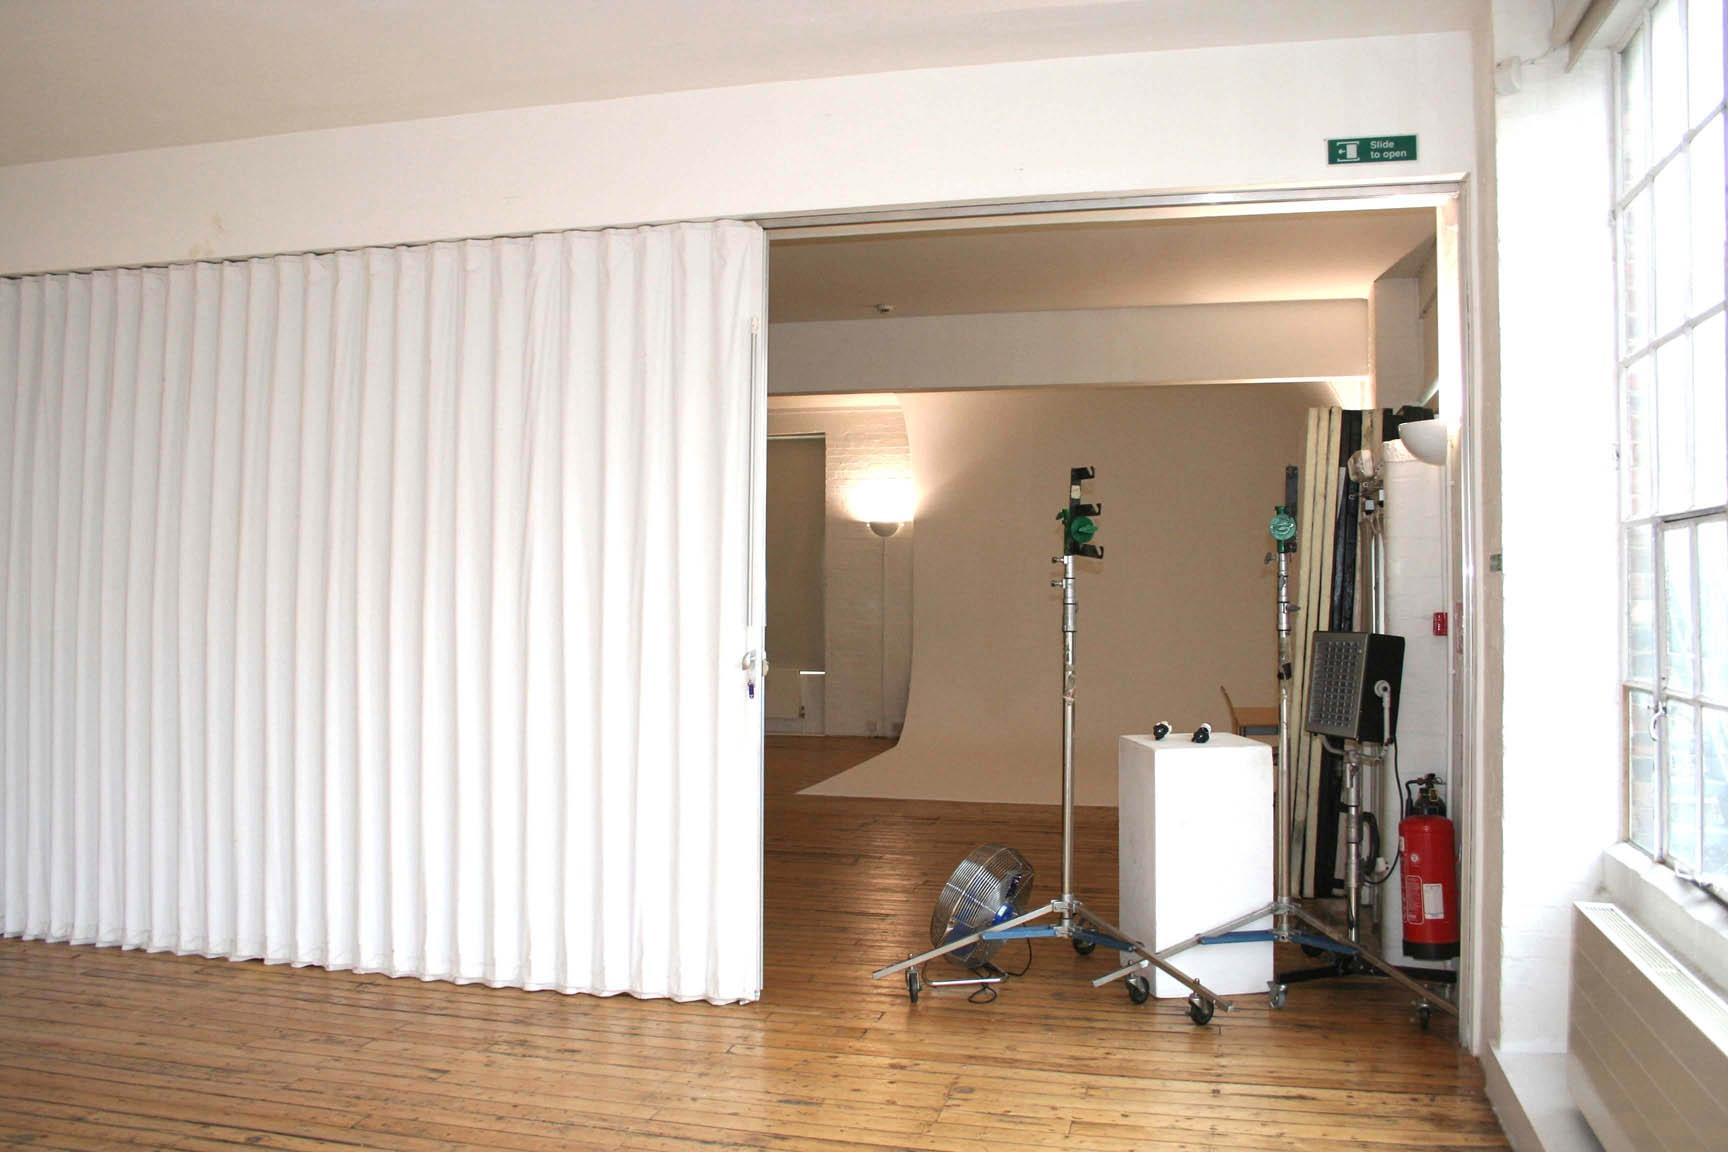 Room Divider Sliding Door Track1728 X 1152